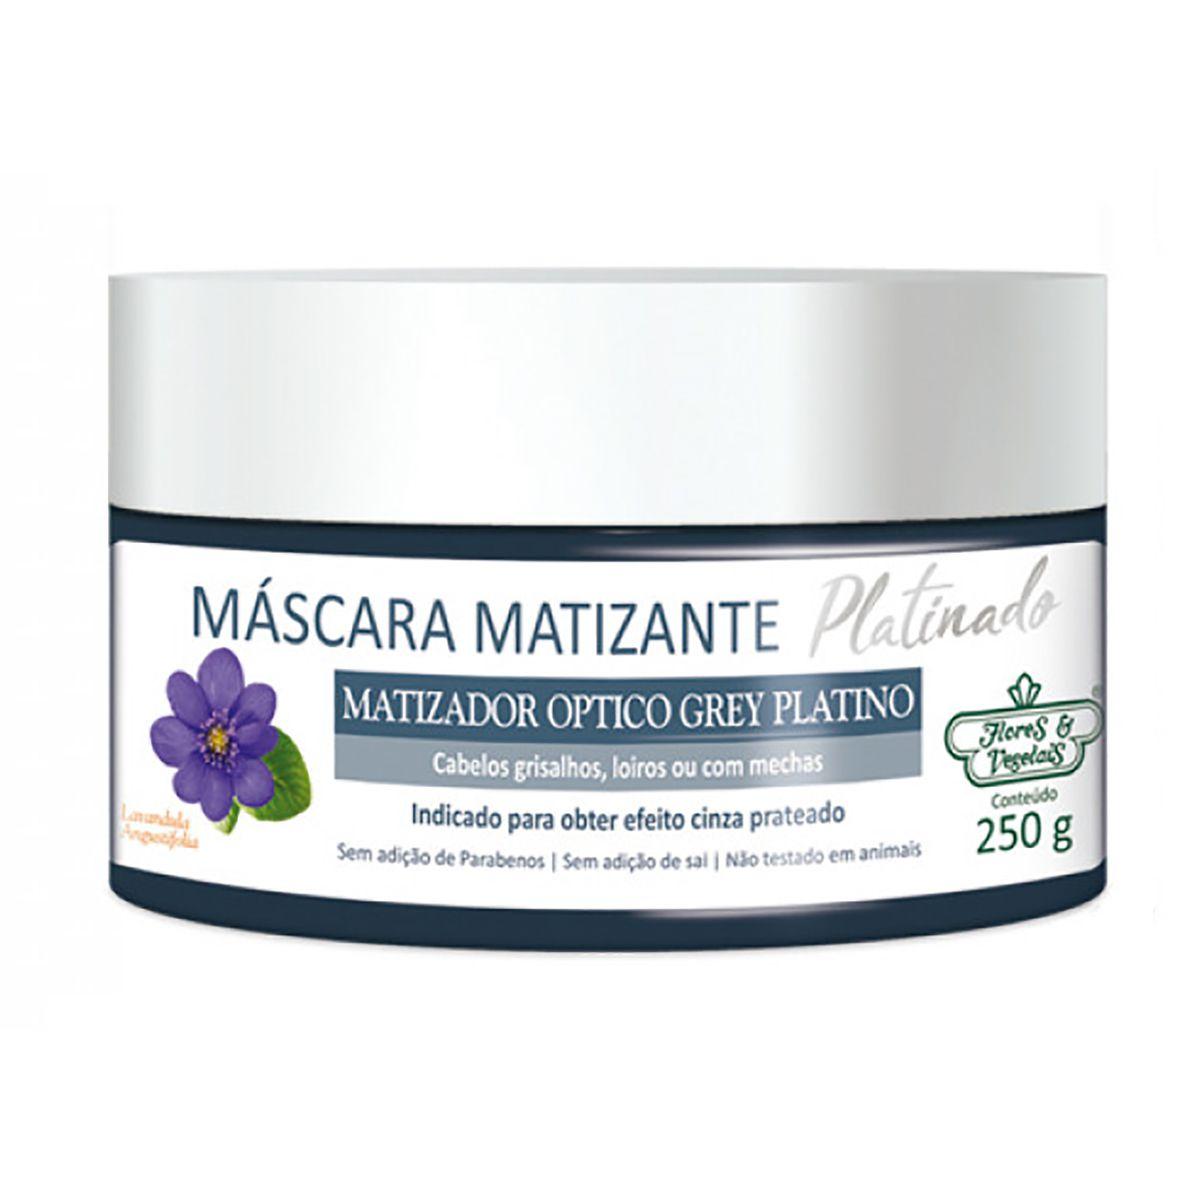 Máscara Matizante Platinado Flores e Vegetais - 250G